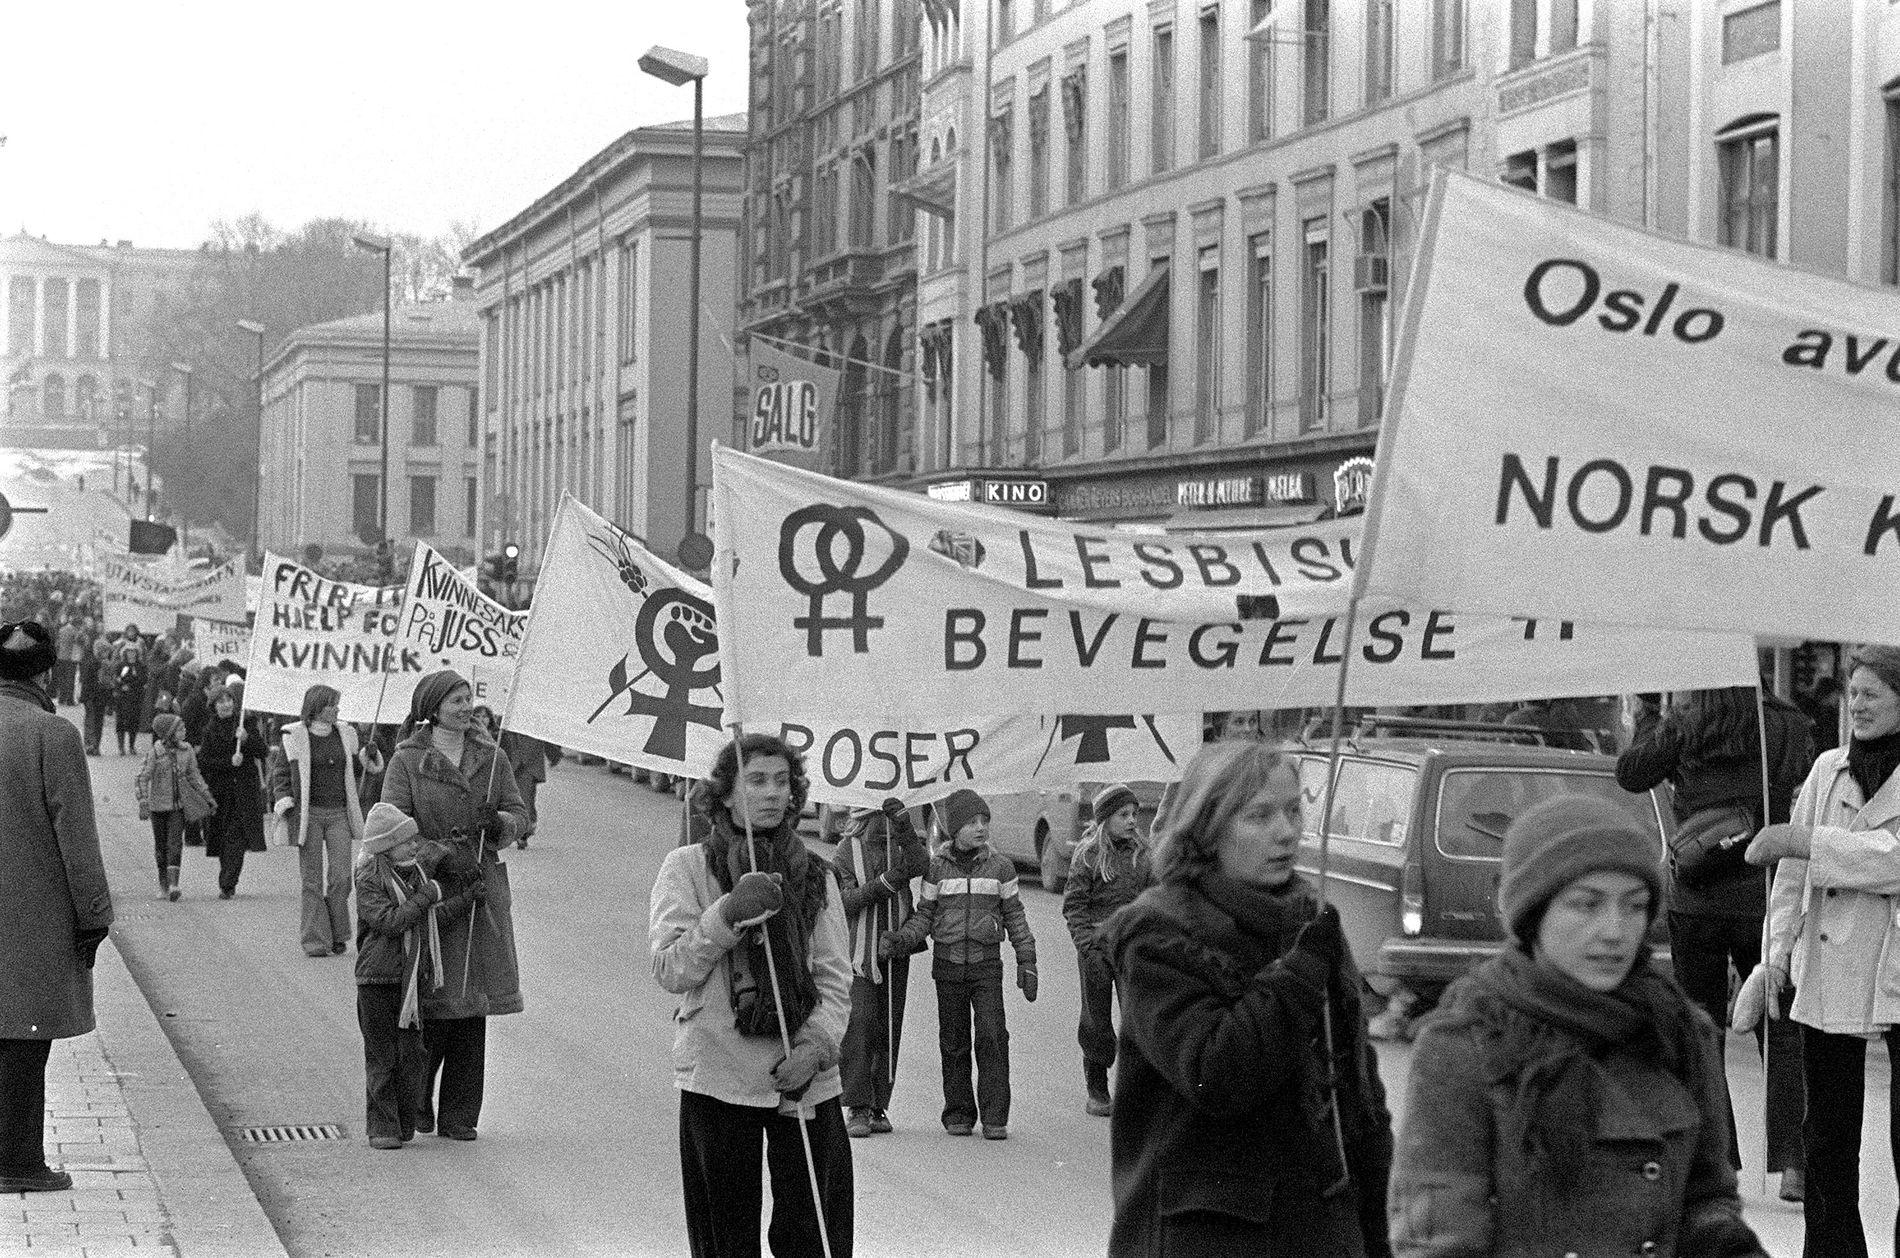 KVINNER I KAMP: 8.mars-demonstrasjon i Oslo i 1979. Mye har skjedd siden den gangen. Kvinnedagen er fortsatt en kampdag - og en dag for feiring av alt som er oppnådd.